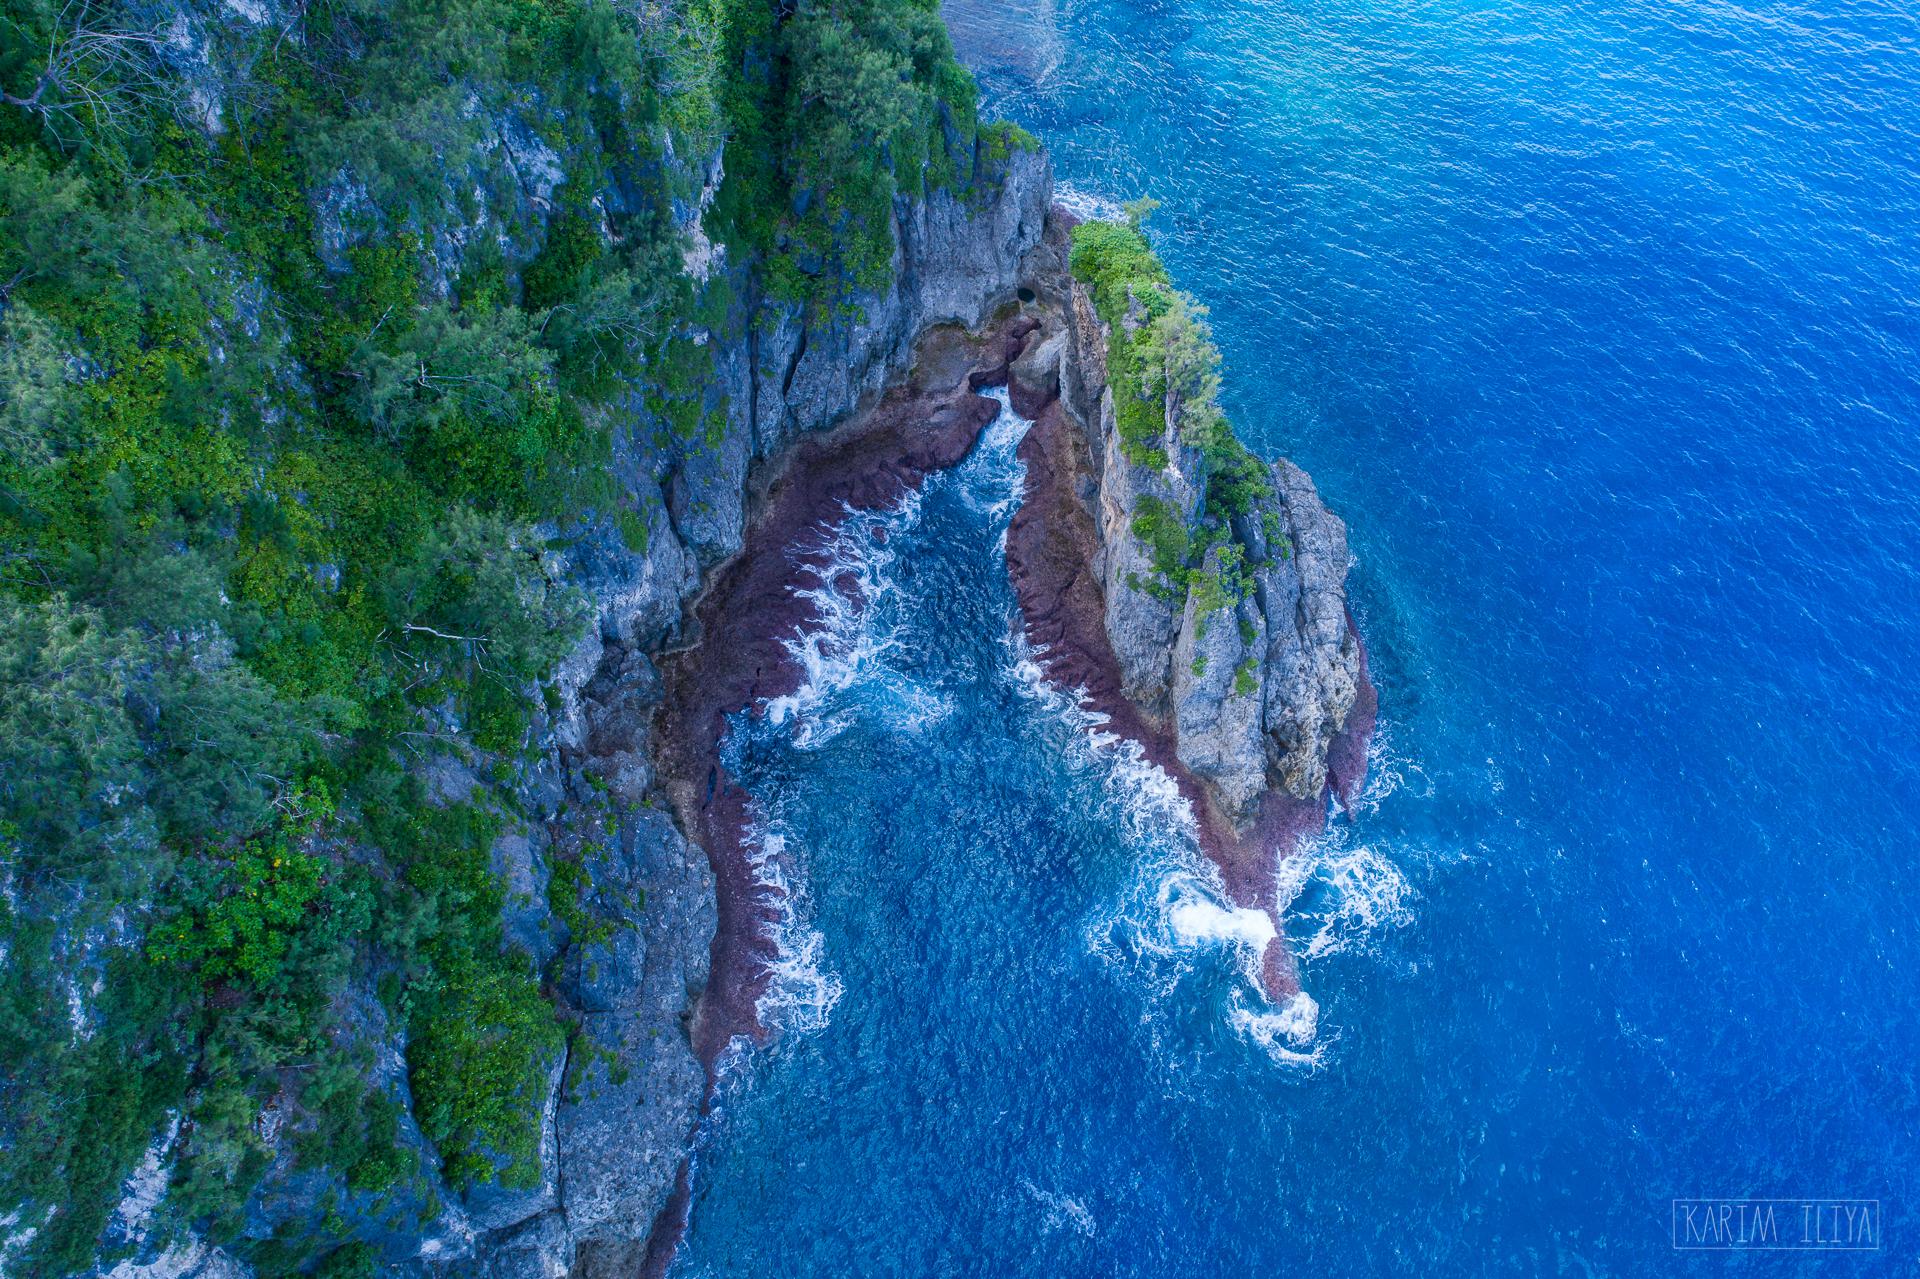 island-cliff-ocean-drone-photo.jpg